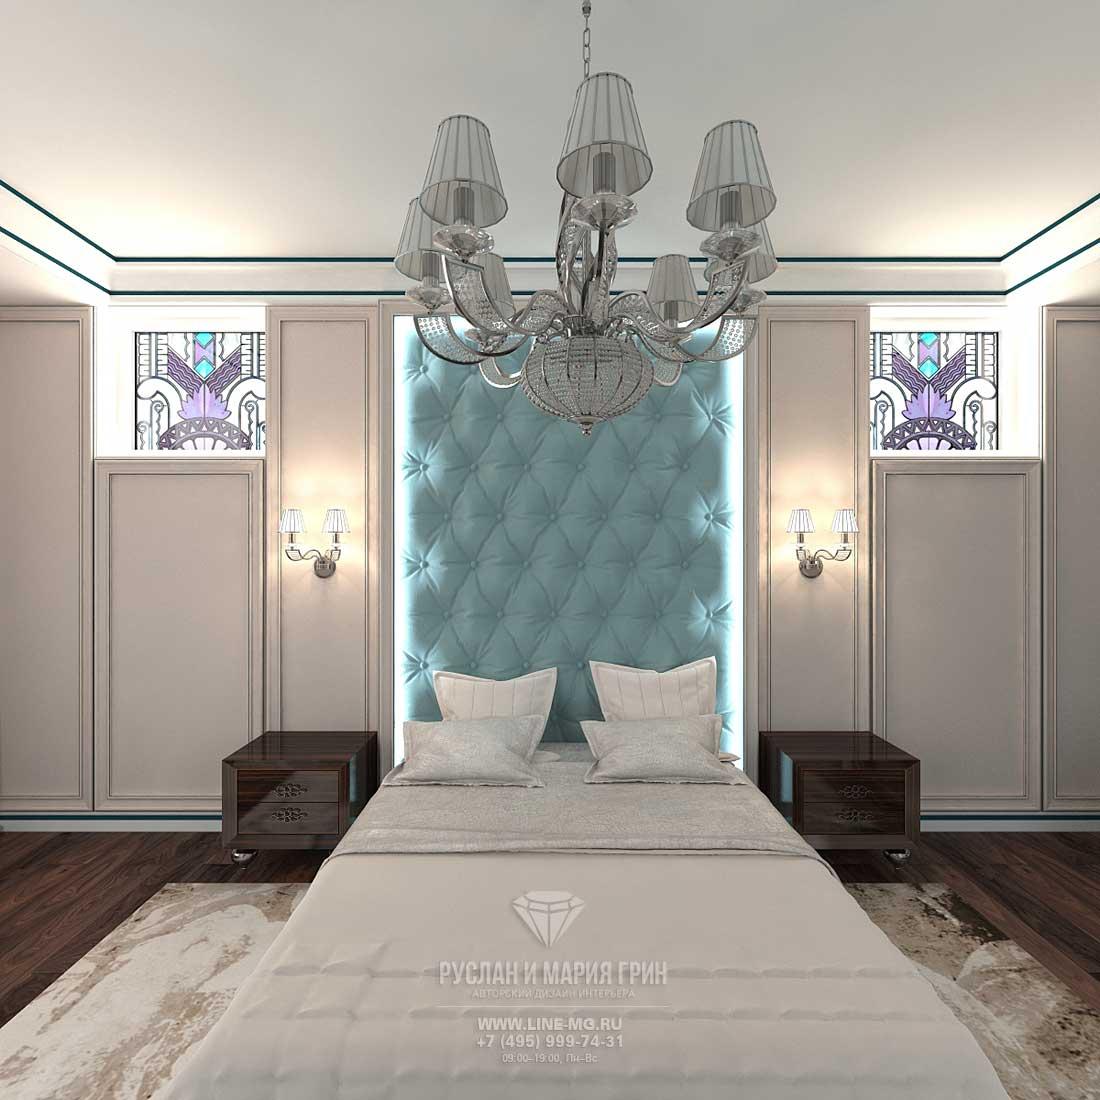 Современная идея дизайн спальни в стиле арт-деко в доме с мансардой